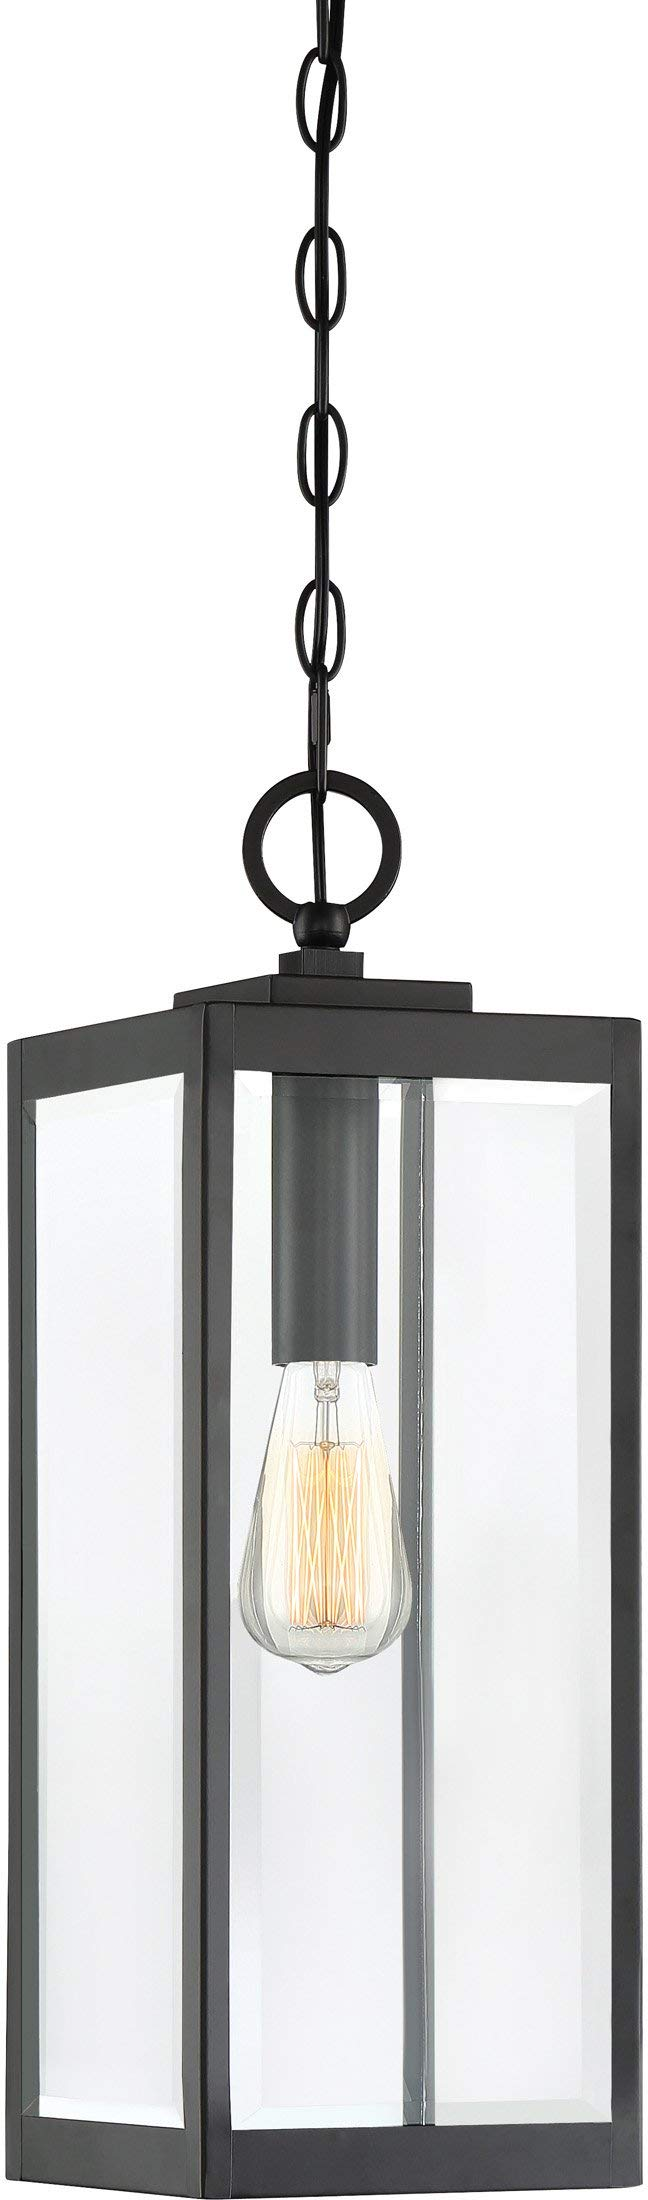 Quoizel WVR1907EK Westover Lantern Outdoor Earth Black